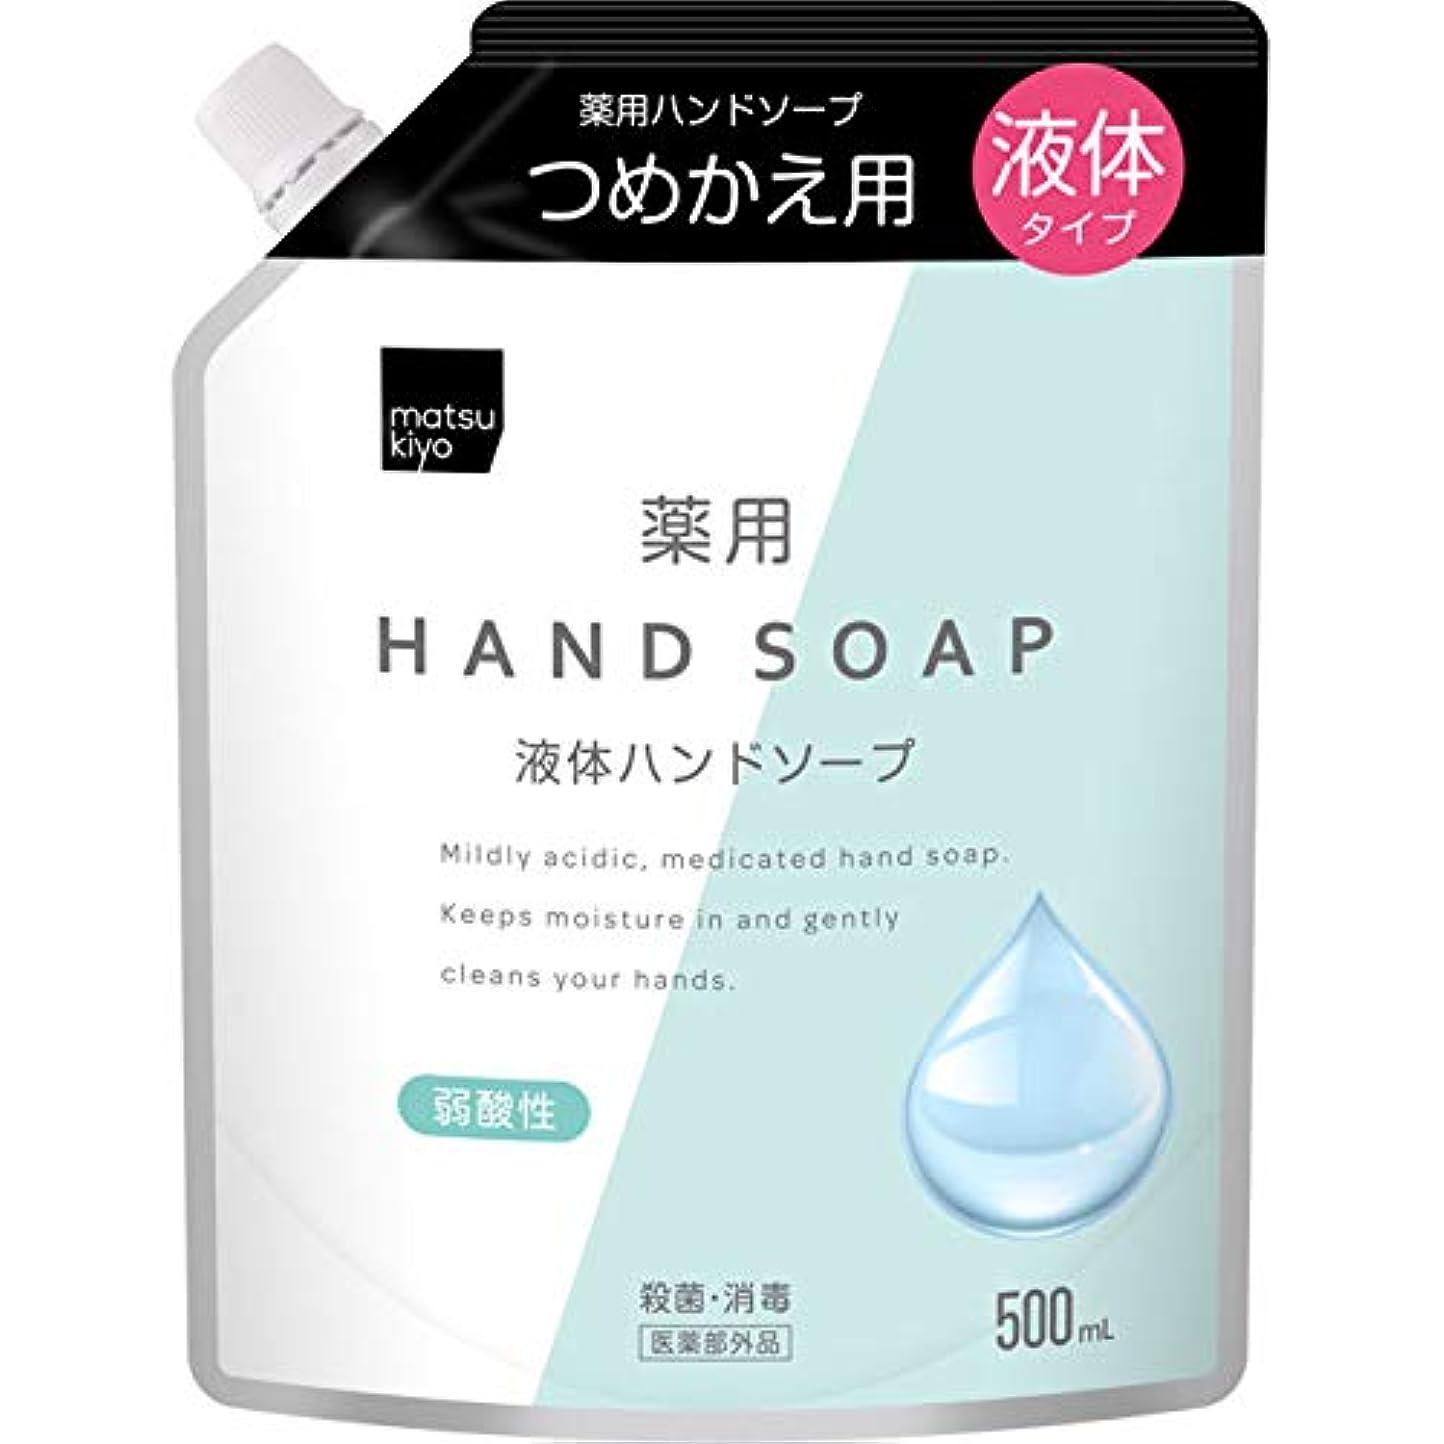 きょうだい規模購入matsukiyo 薬用液体ハンドソープ 詰替大型 500ml 500ml詰替 (医薬部外品)